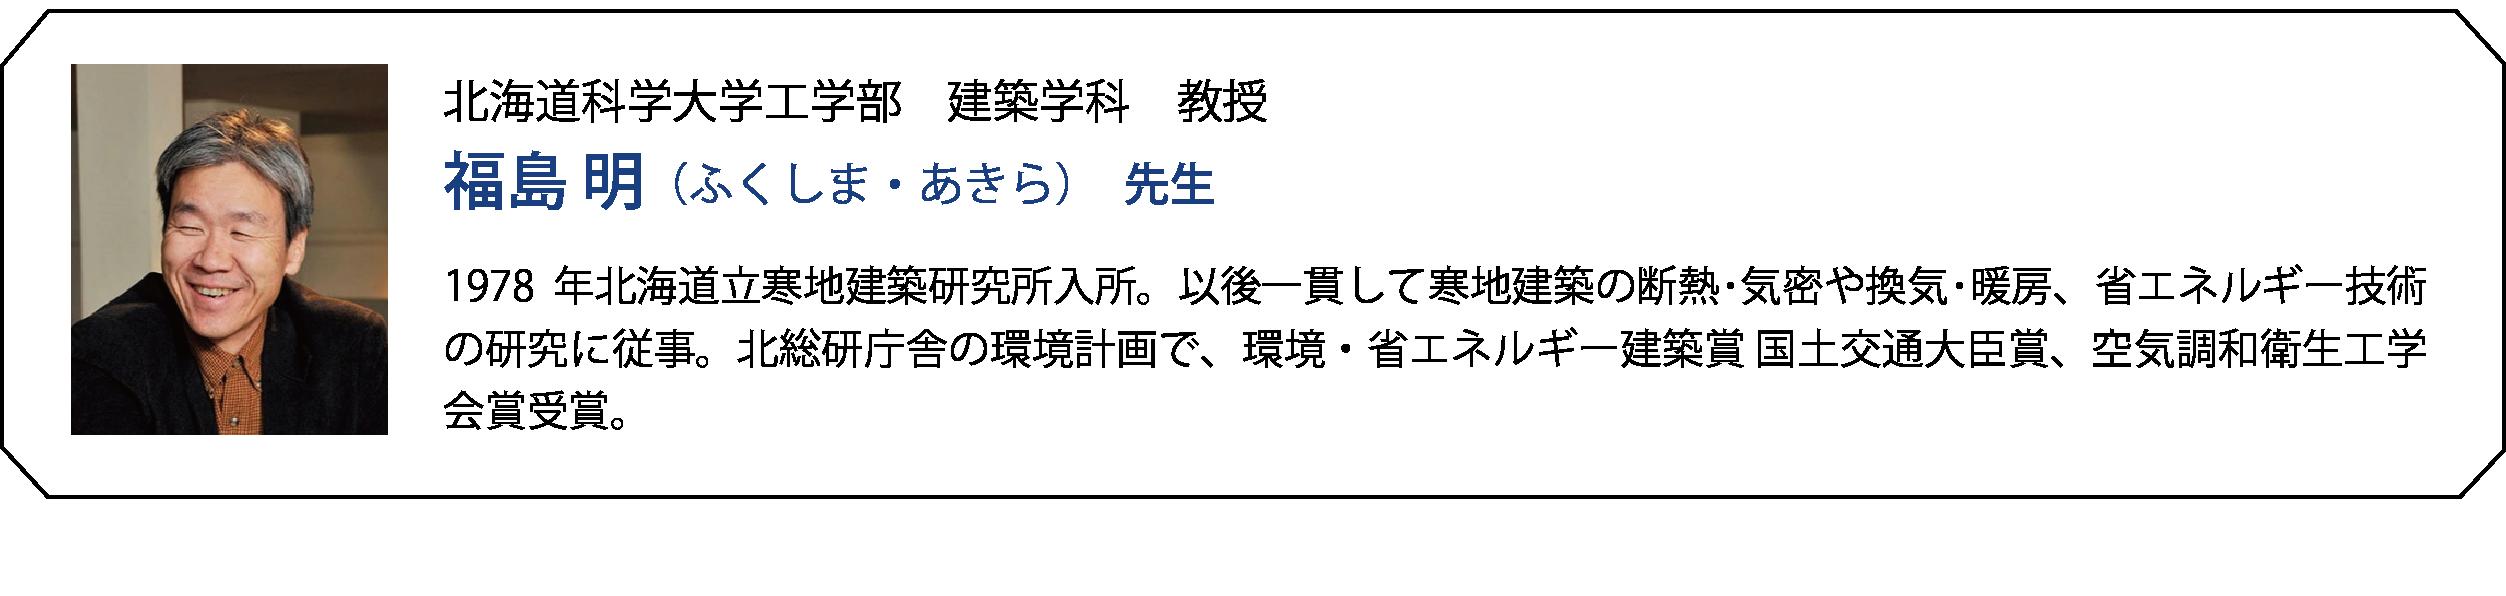 fukushima-profile